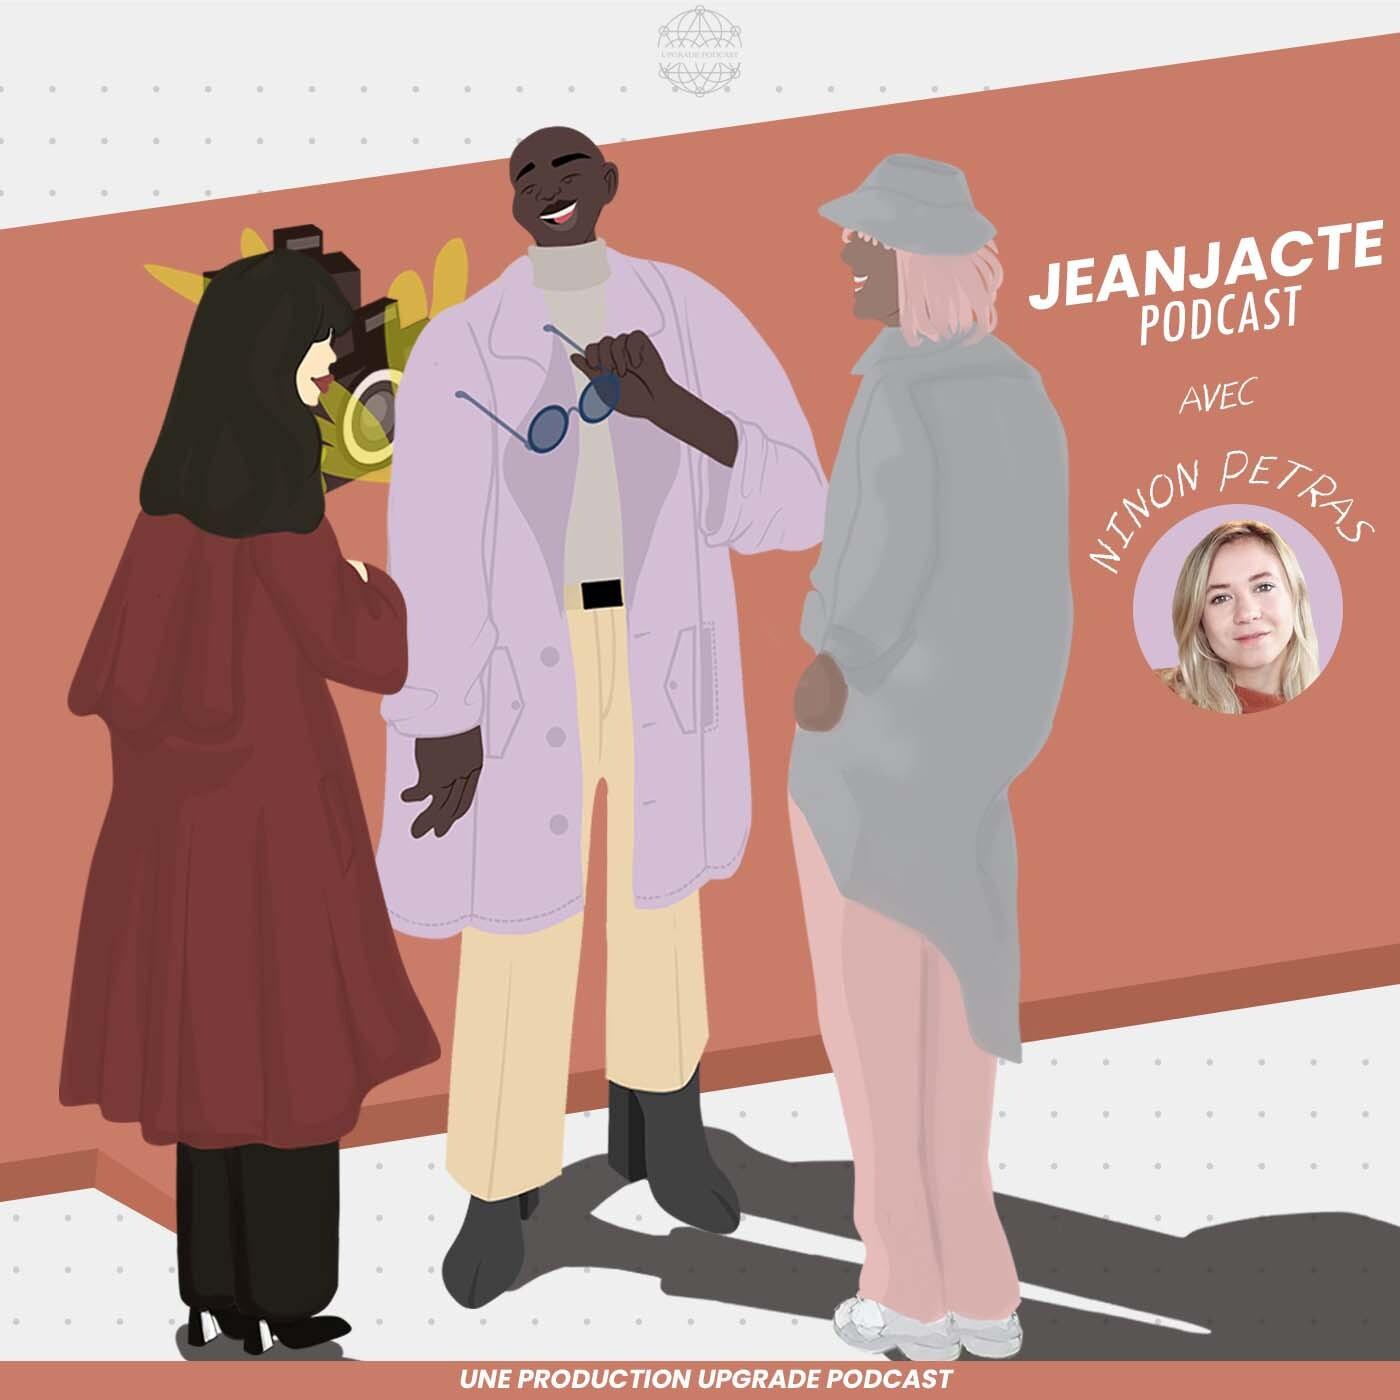 Episode 3: Ninon Petras - Trendsetter